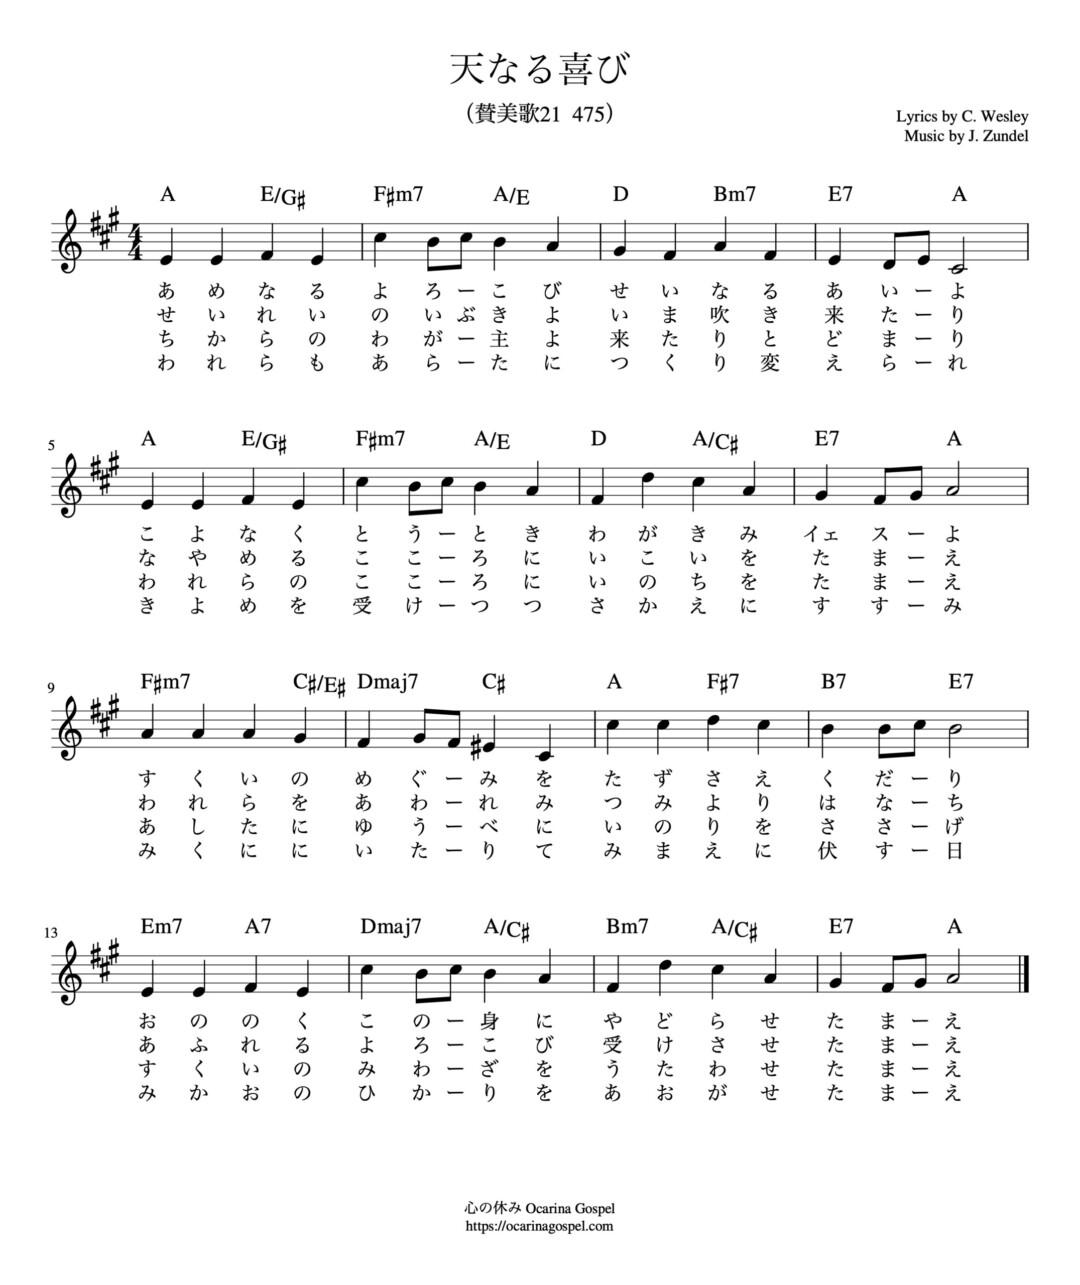 天なる喜び 新聖歌 楽譜